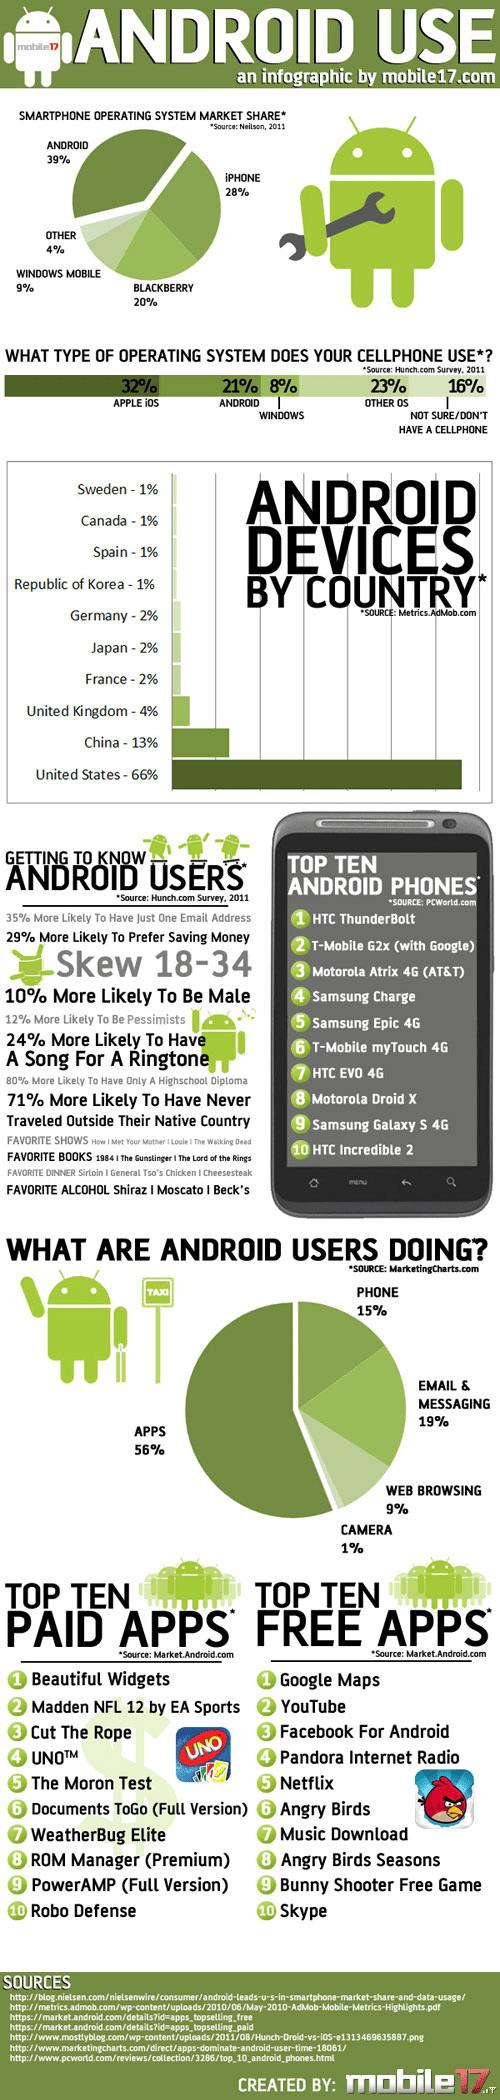 como se usa android en el mundo